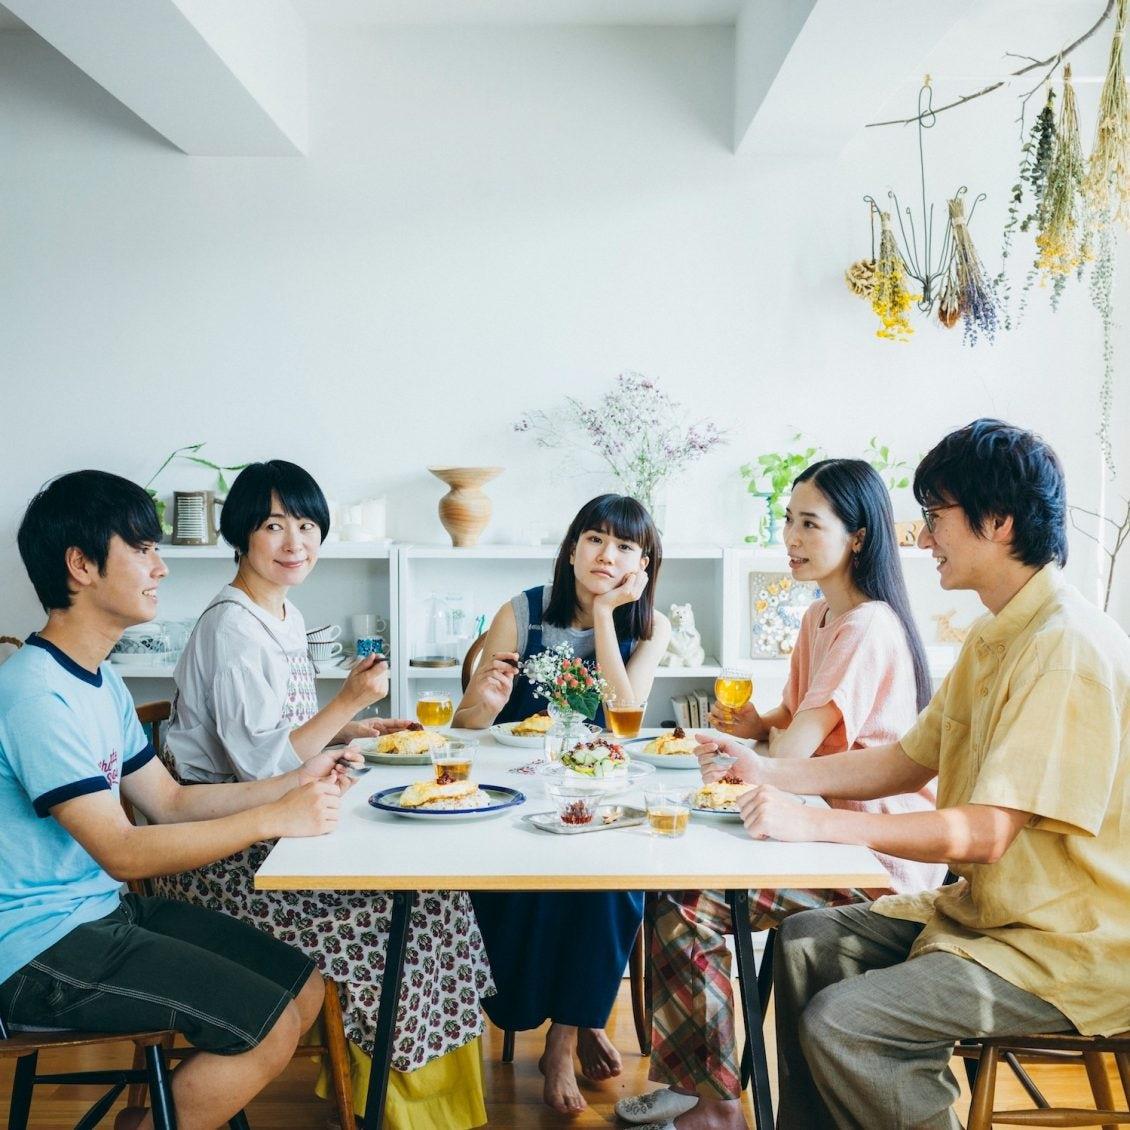 【青葉家のテーブル】北欧、暮らしの道具店オリジナル短編ドラマを配信中です!